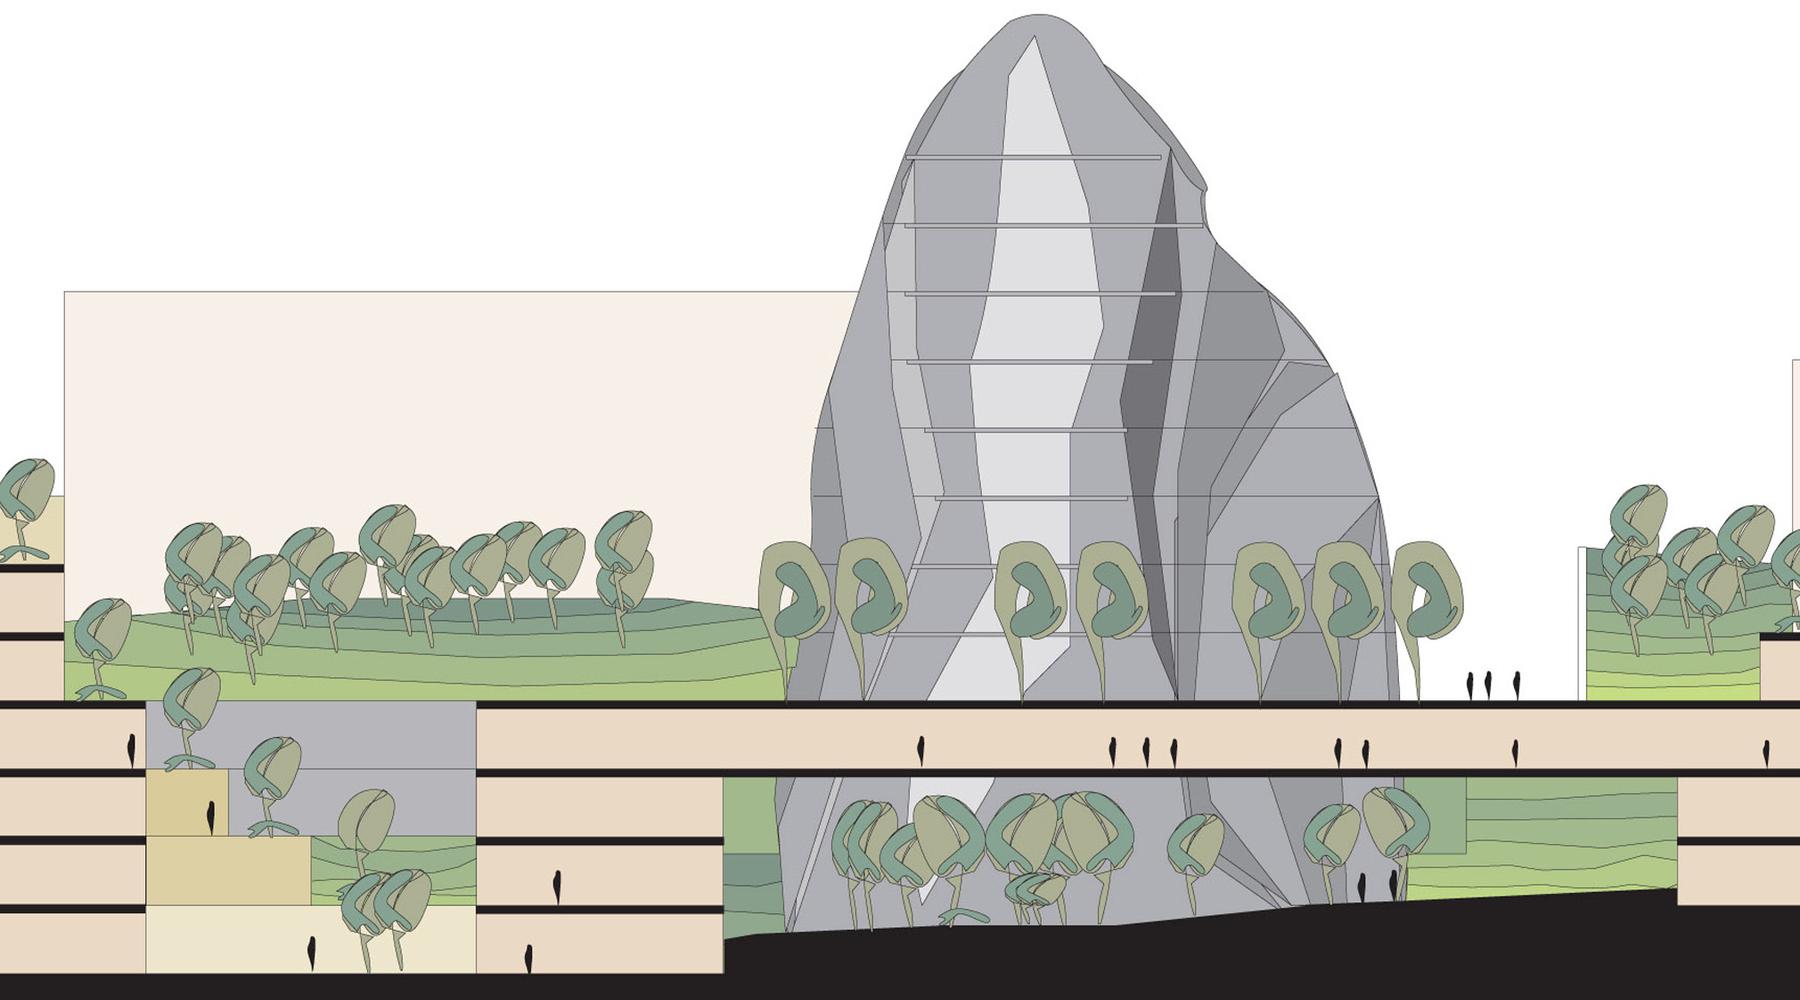 morfis-urbanism-elzocalo-1